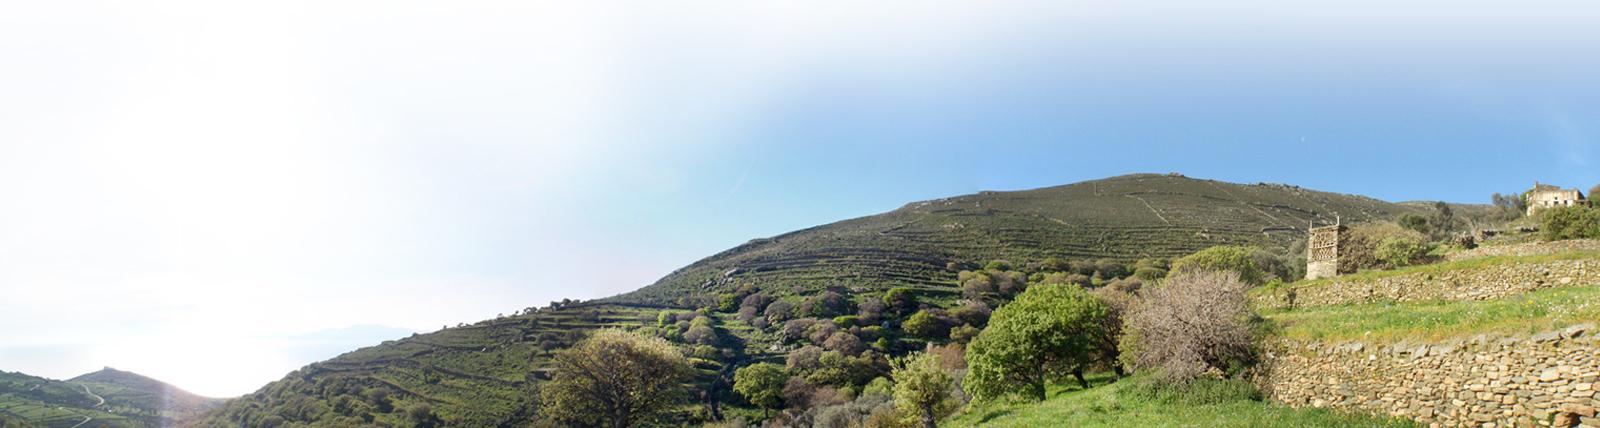 Tinos Eco Lodge – Ein Umweltfreundliches Reiseziel